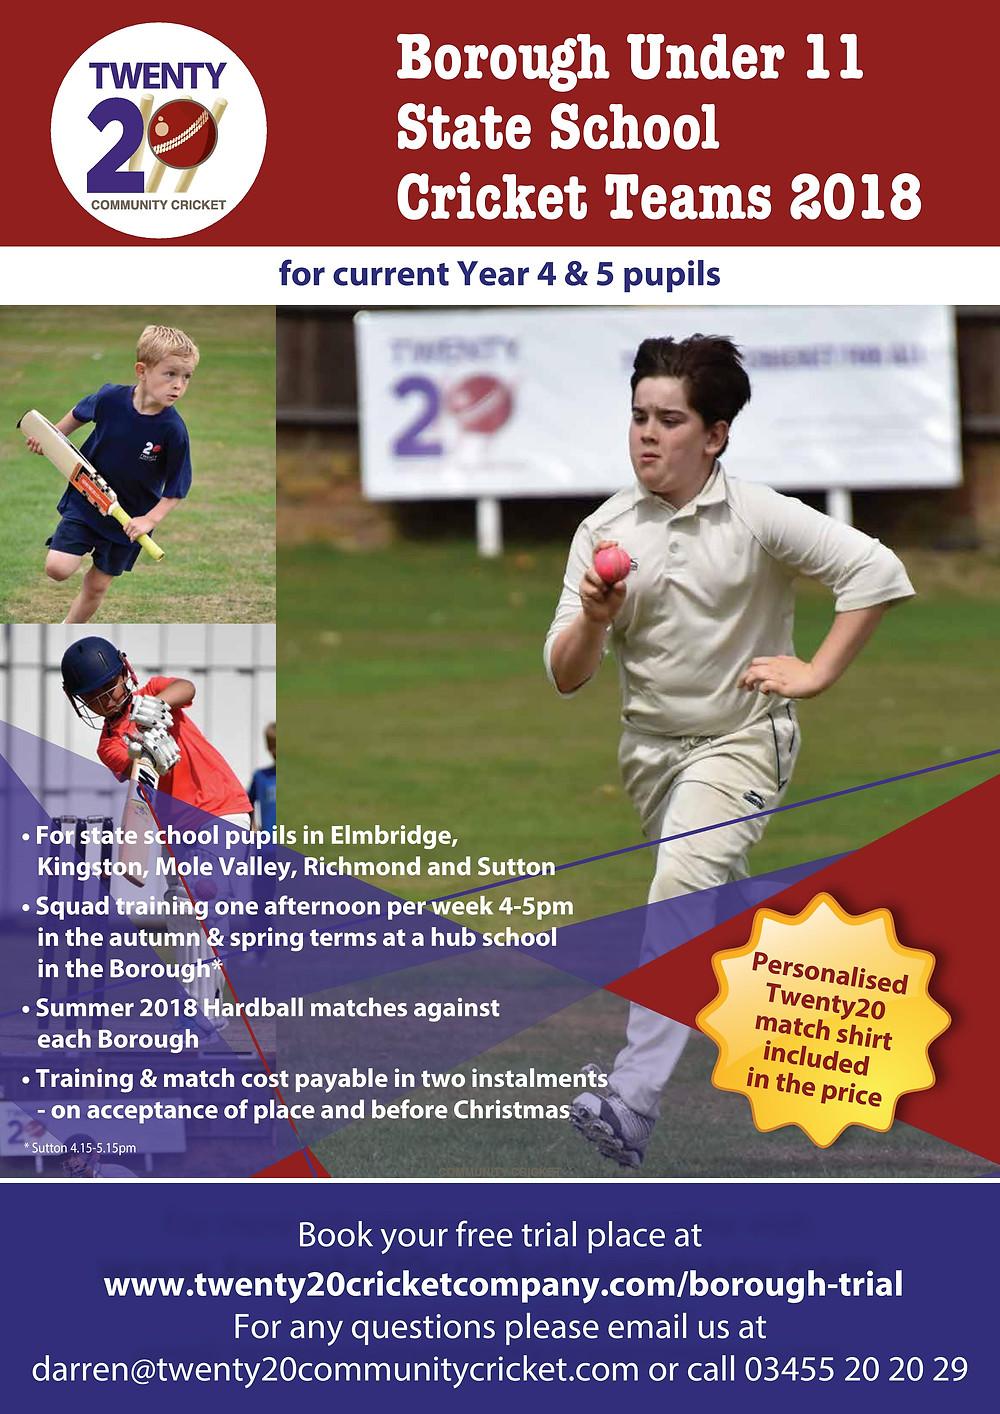 Twenty20 Borough Cricket Academies